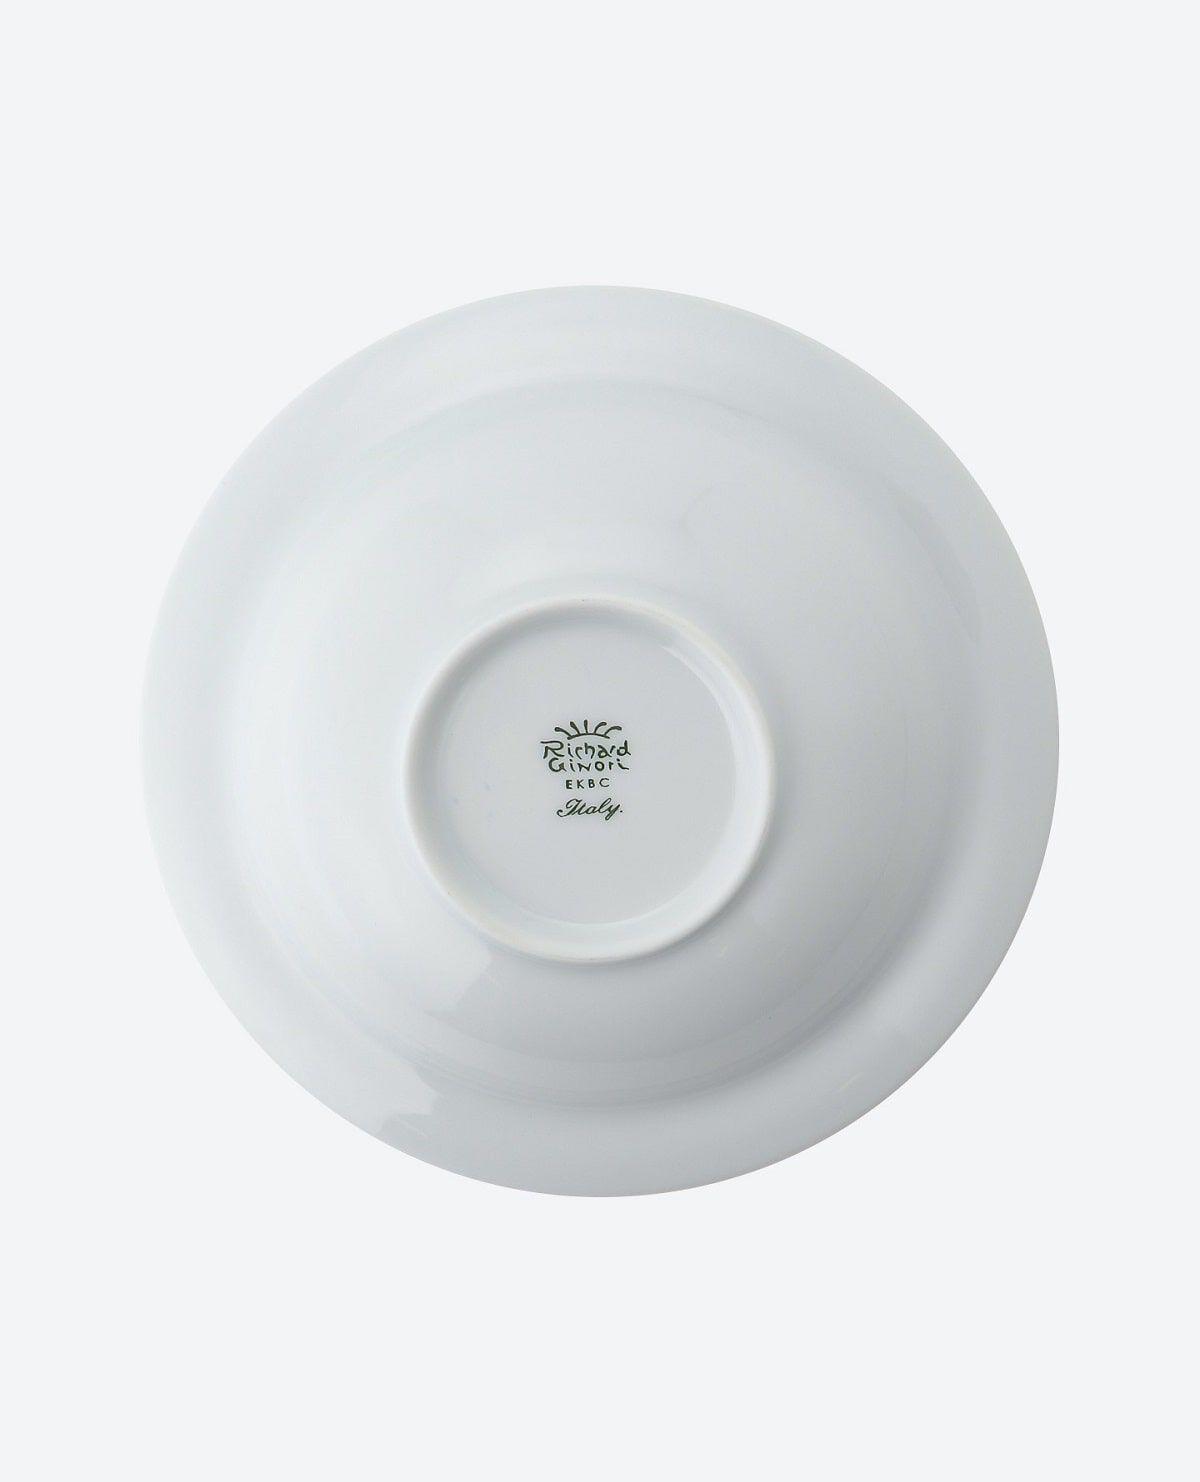 クルクル ボウル 18.5cm(リチャードジノリ)